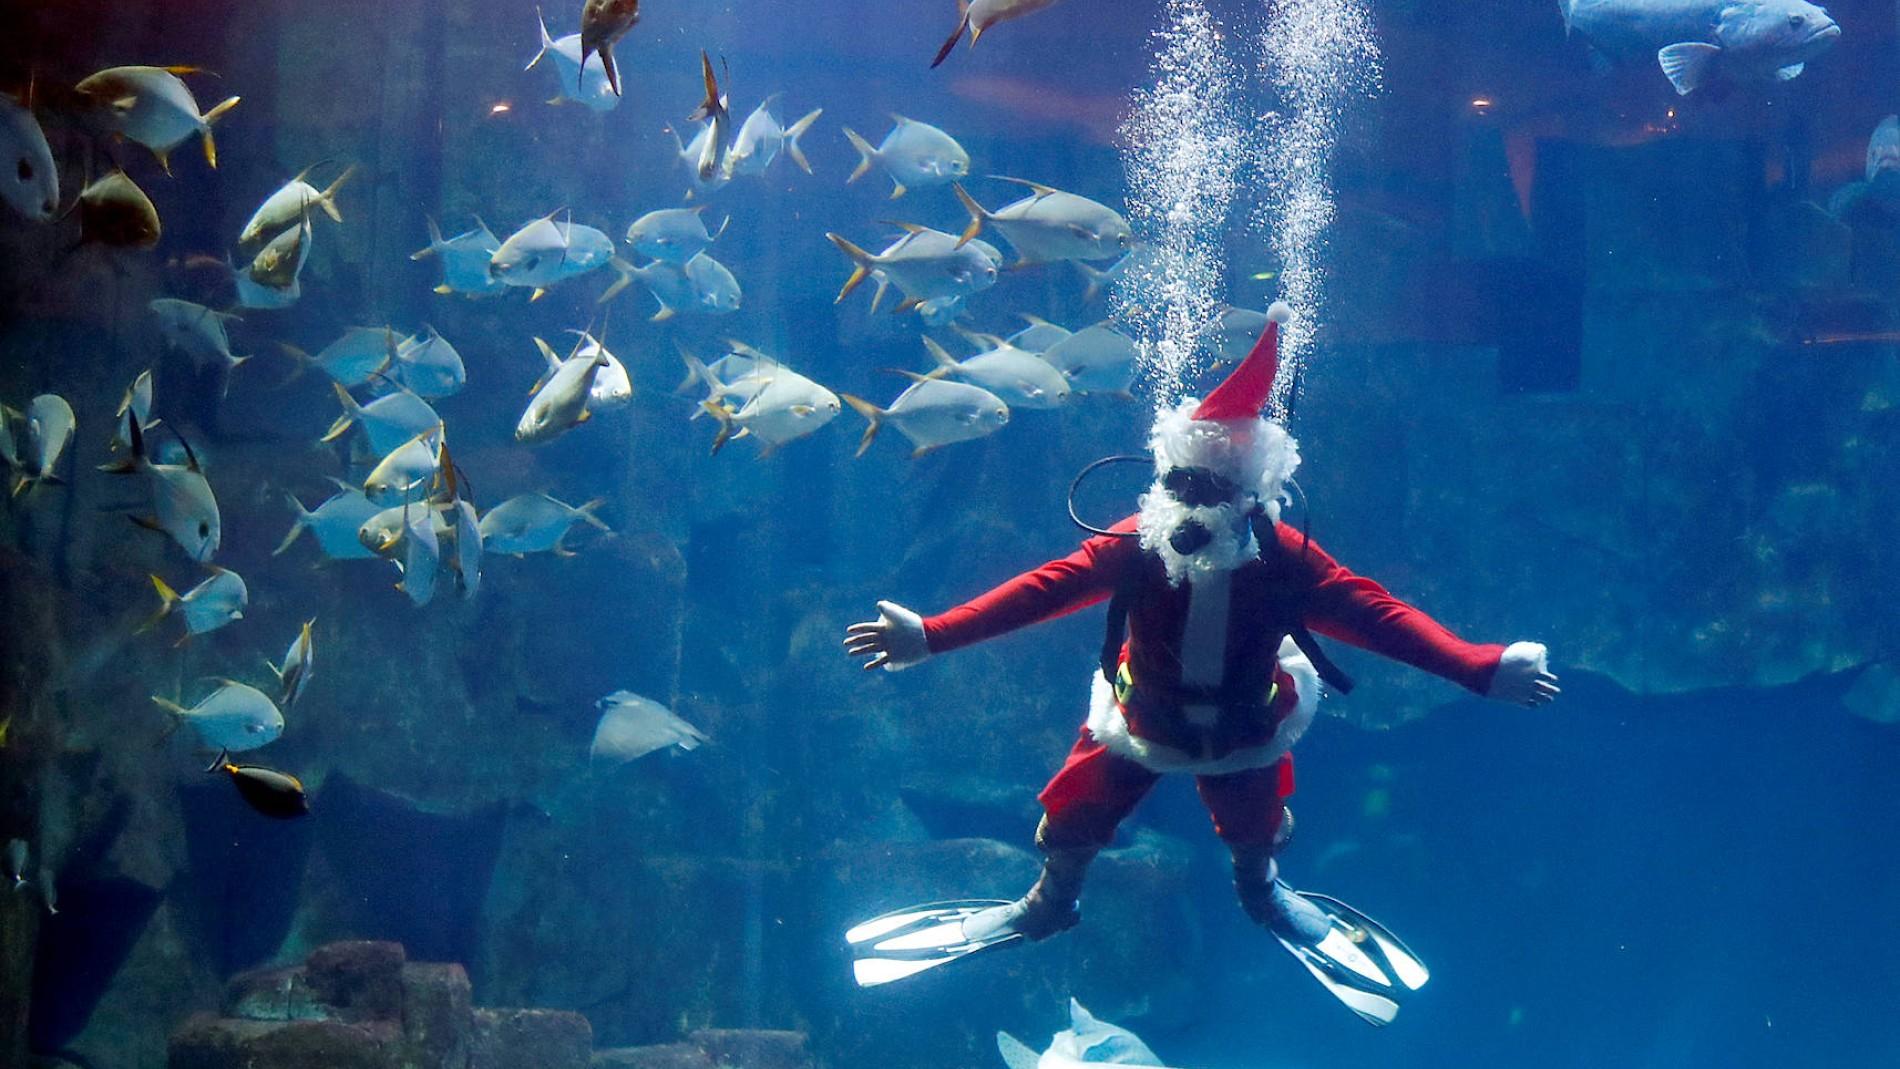 Wer Bringt Weihnachtsgeschenke In Spanien.Weihnachtsmann Unterwasser Blubb Blubb Blubb Statt Ho Ho Ho